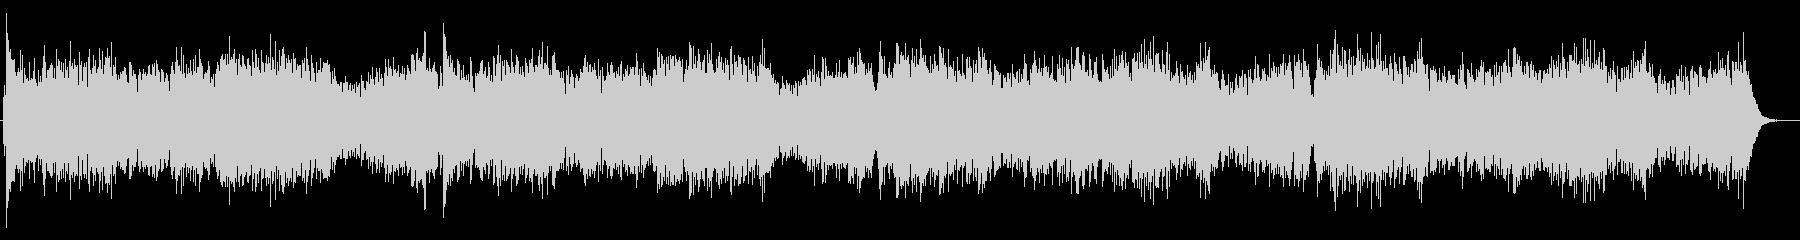 軽快で明るいピアノ曲の未再生の波形